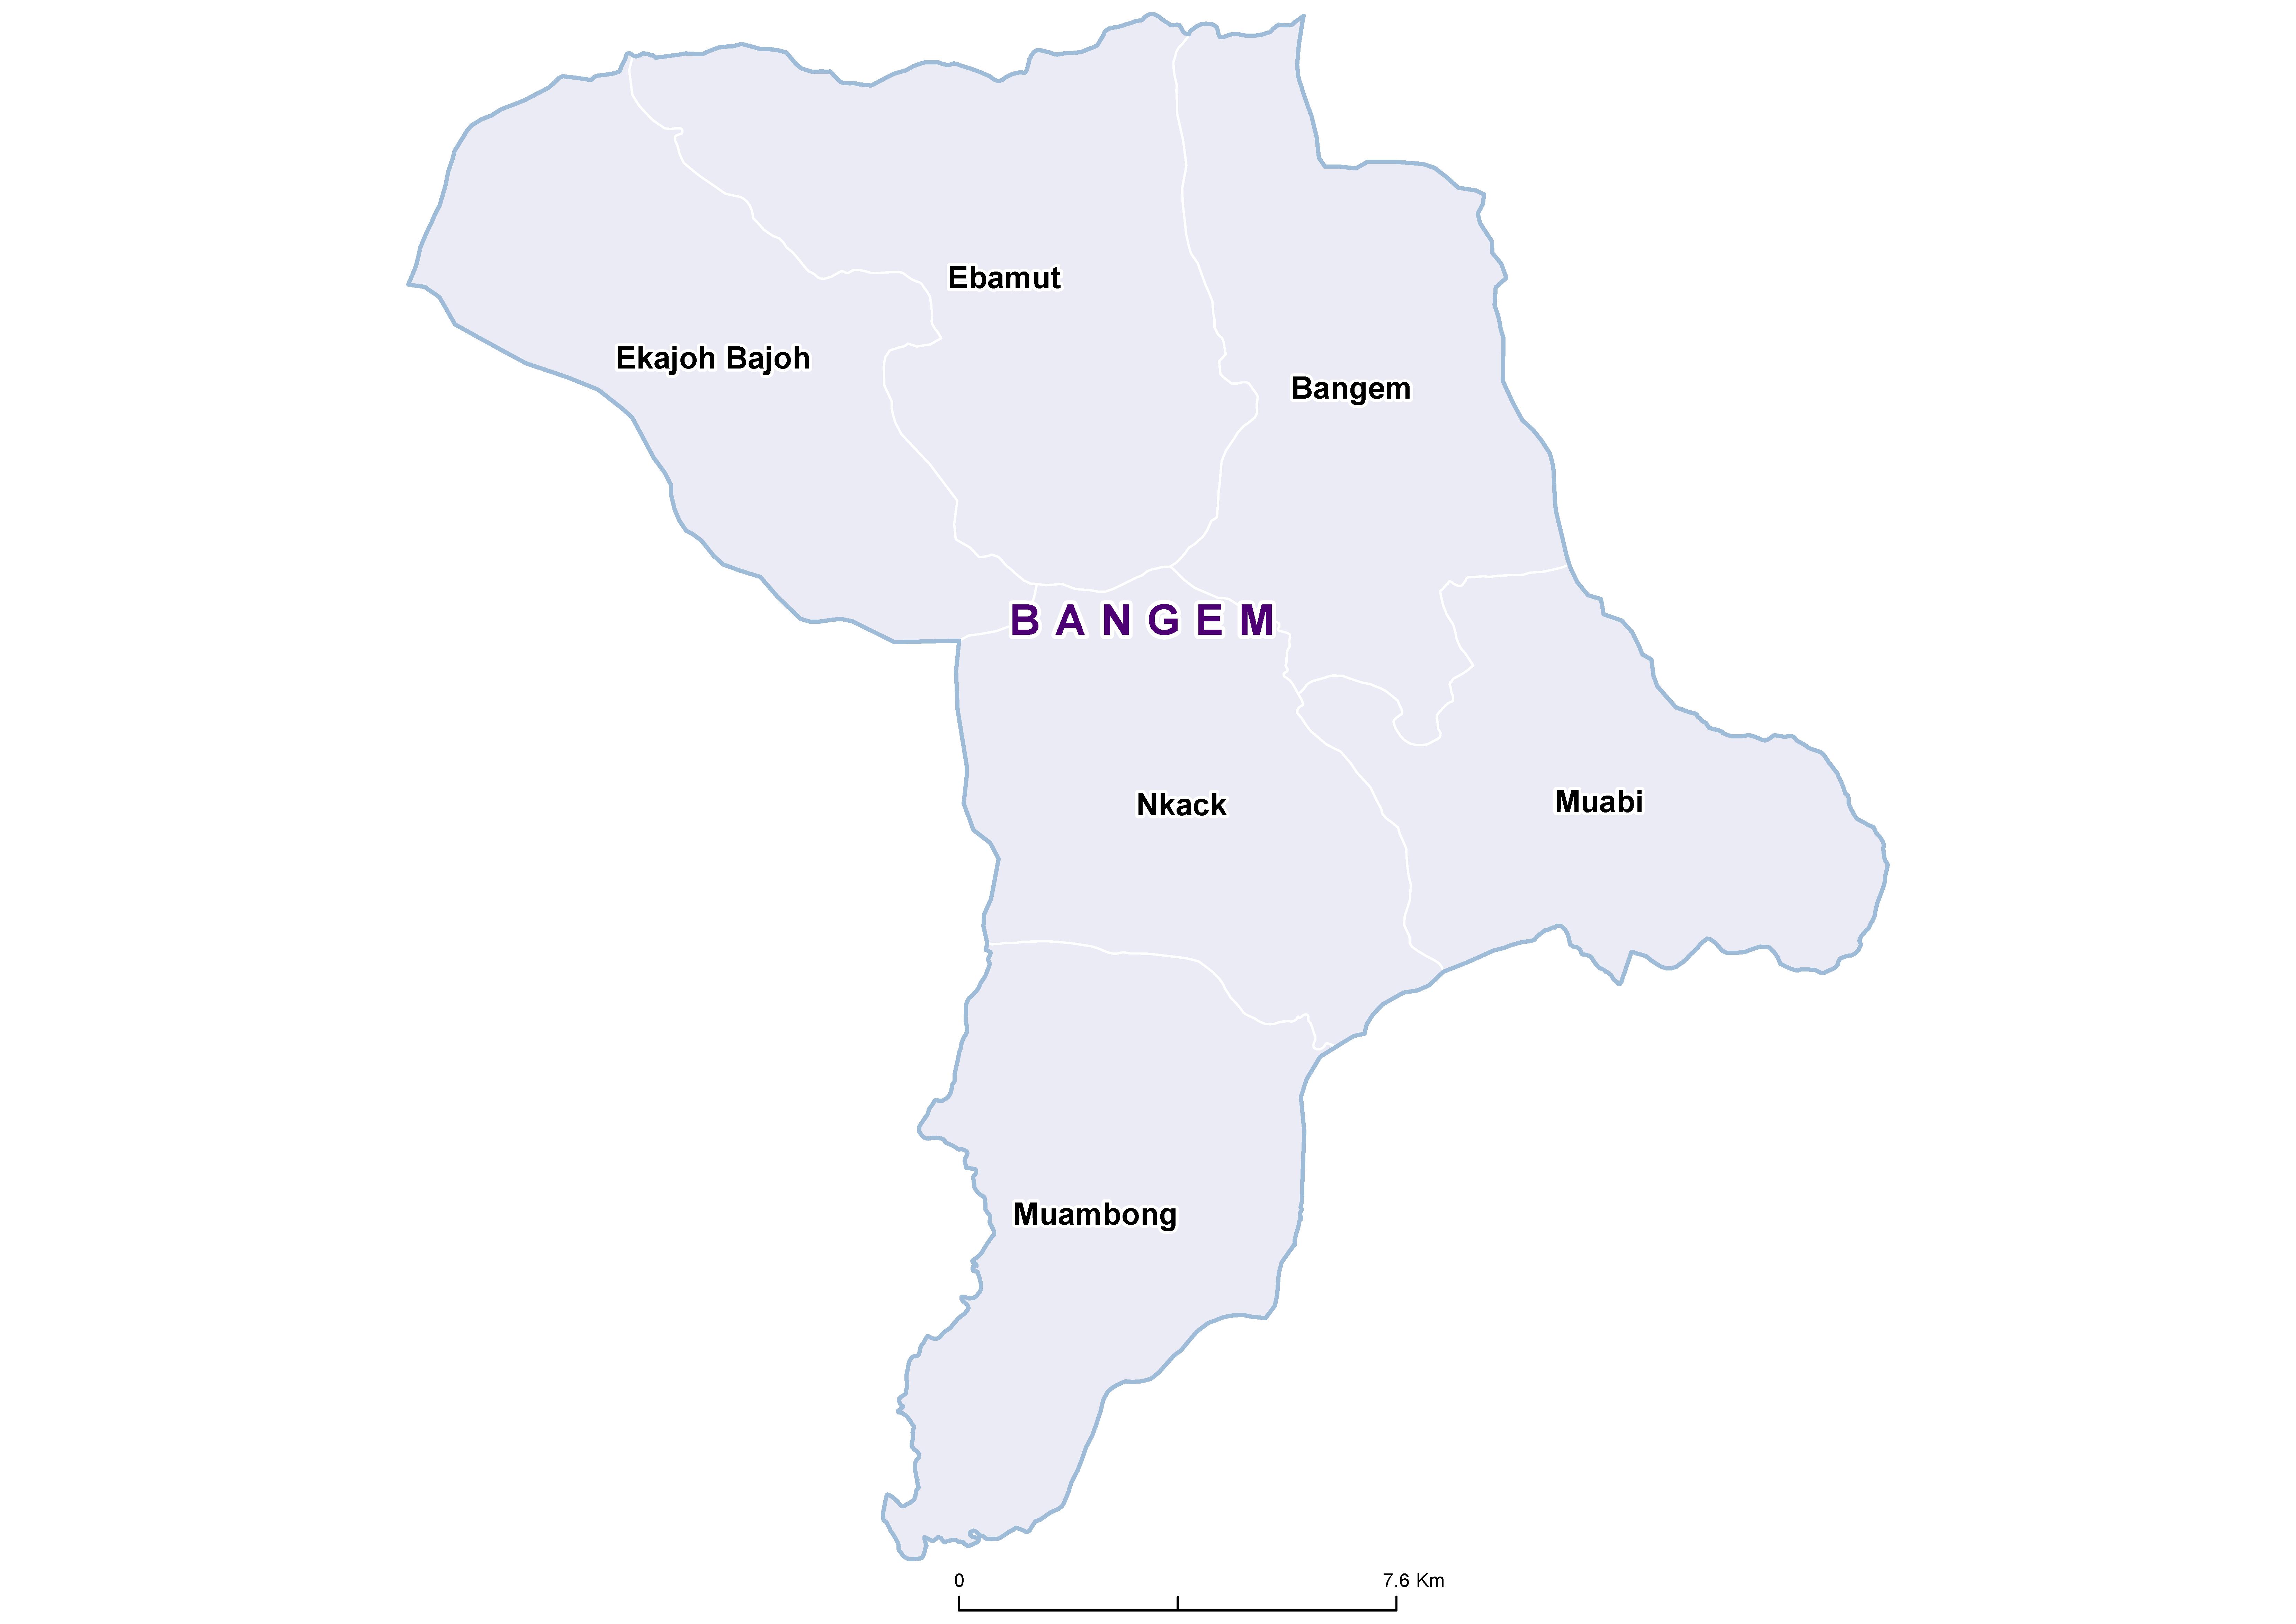 Bangem SCH 20180001